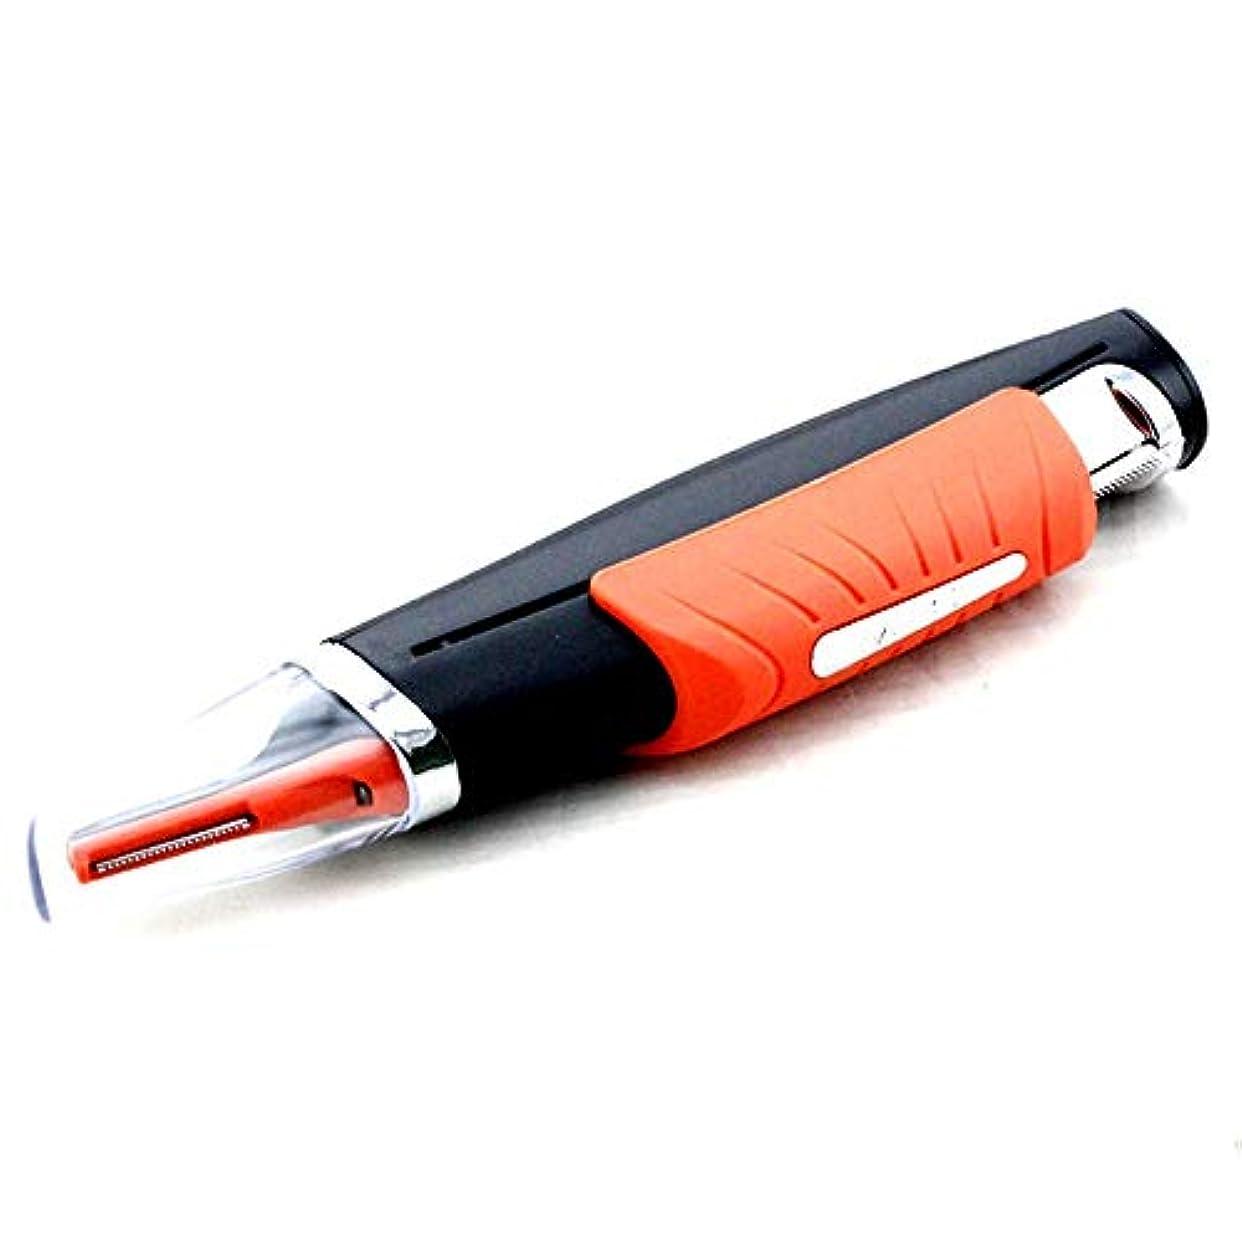 漏斗ミュウミュウ統合する鼻毛カッター はなげカッター バッテリ駆動耳/鼻トリマー、Detailerシェーバーアタッチメントを含みます (Color : Orange, Size : S)